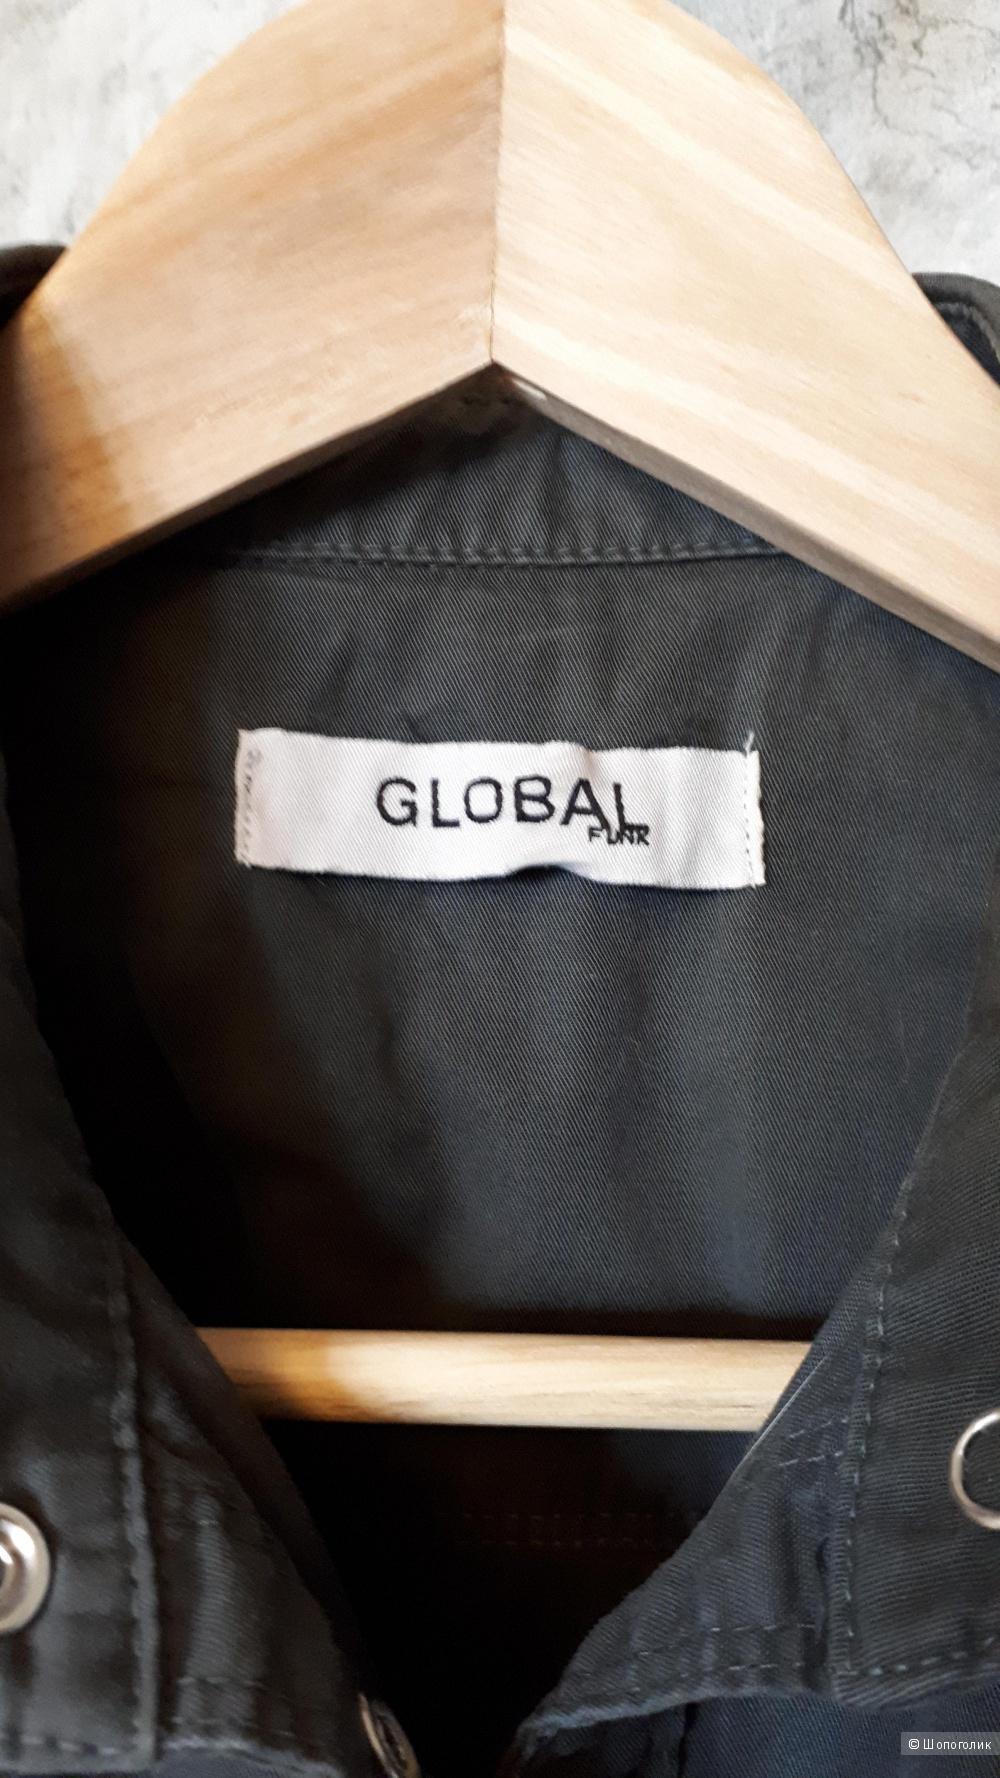 Жилетка из хлопка на кнопках Global Funk